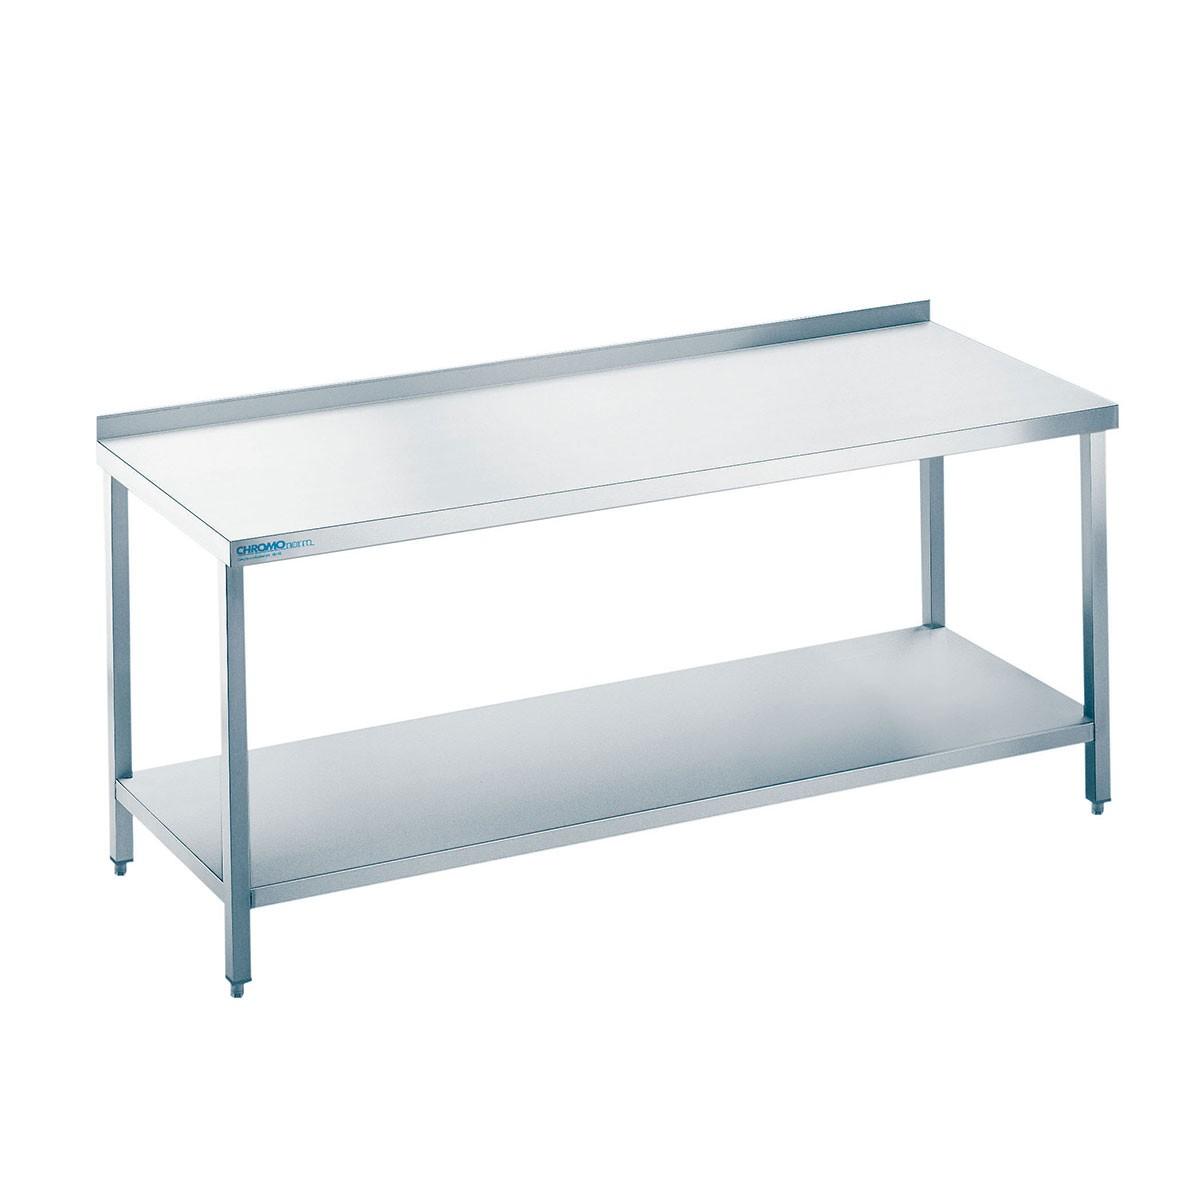 Edelstahl Arbeitstisch mit Zwischenboden Chromonorm TZ0620C0000 600mm x 2000mm